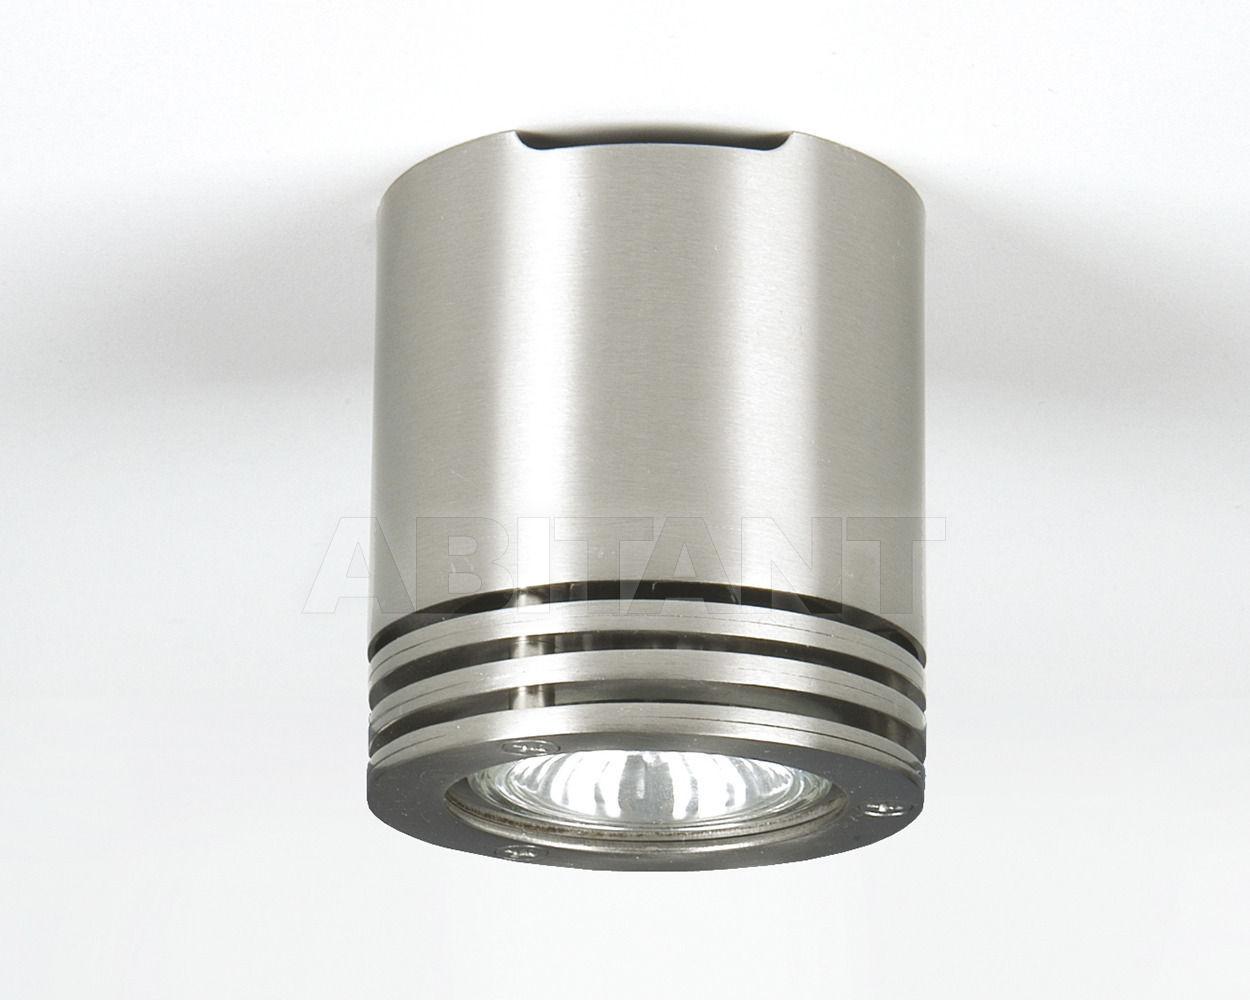 Купить Светильник точечный Linea Verdace 2012 LV 62001/A